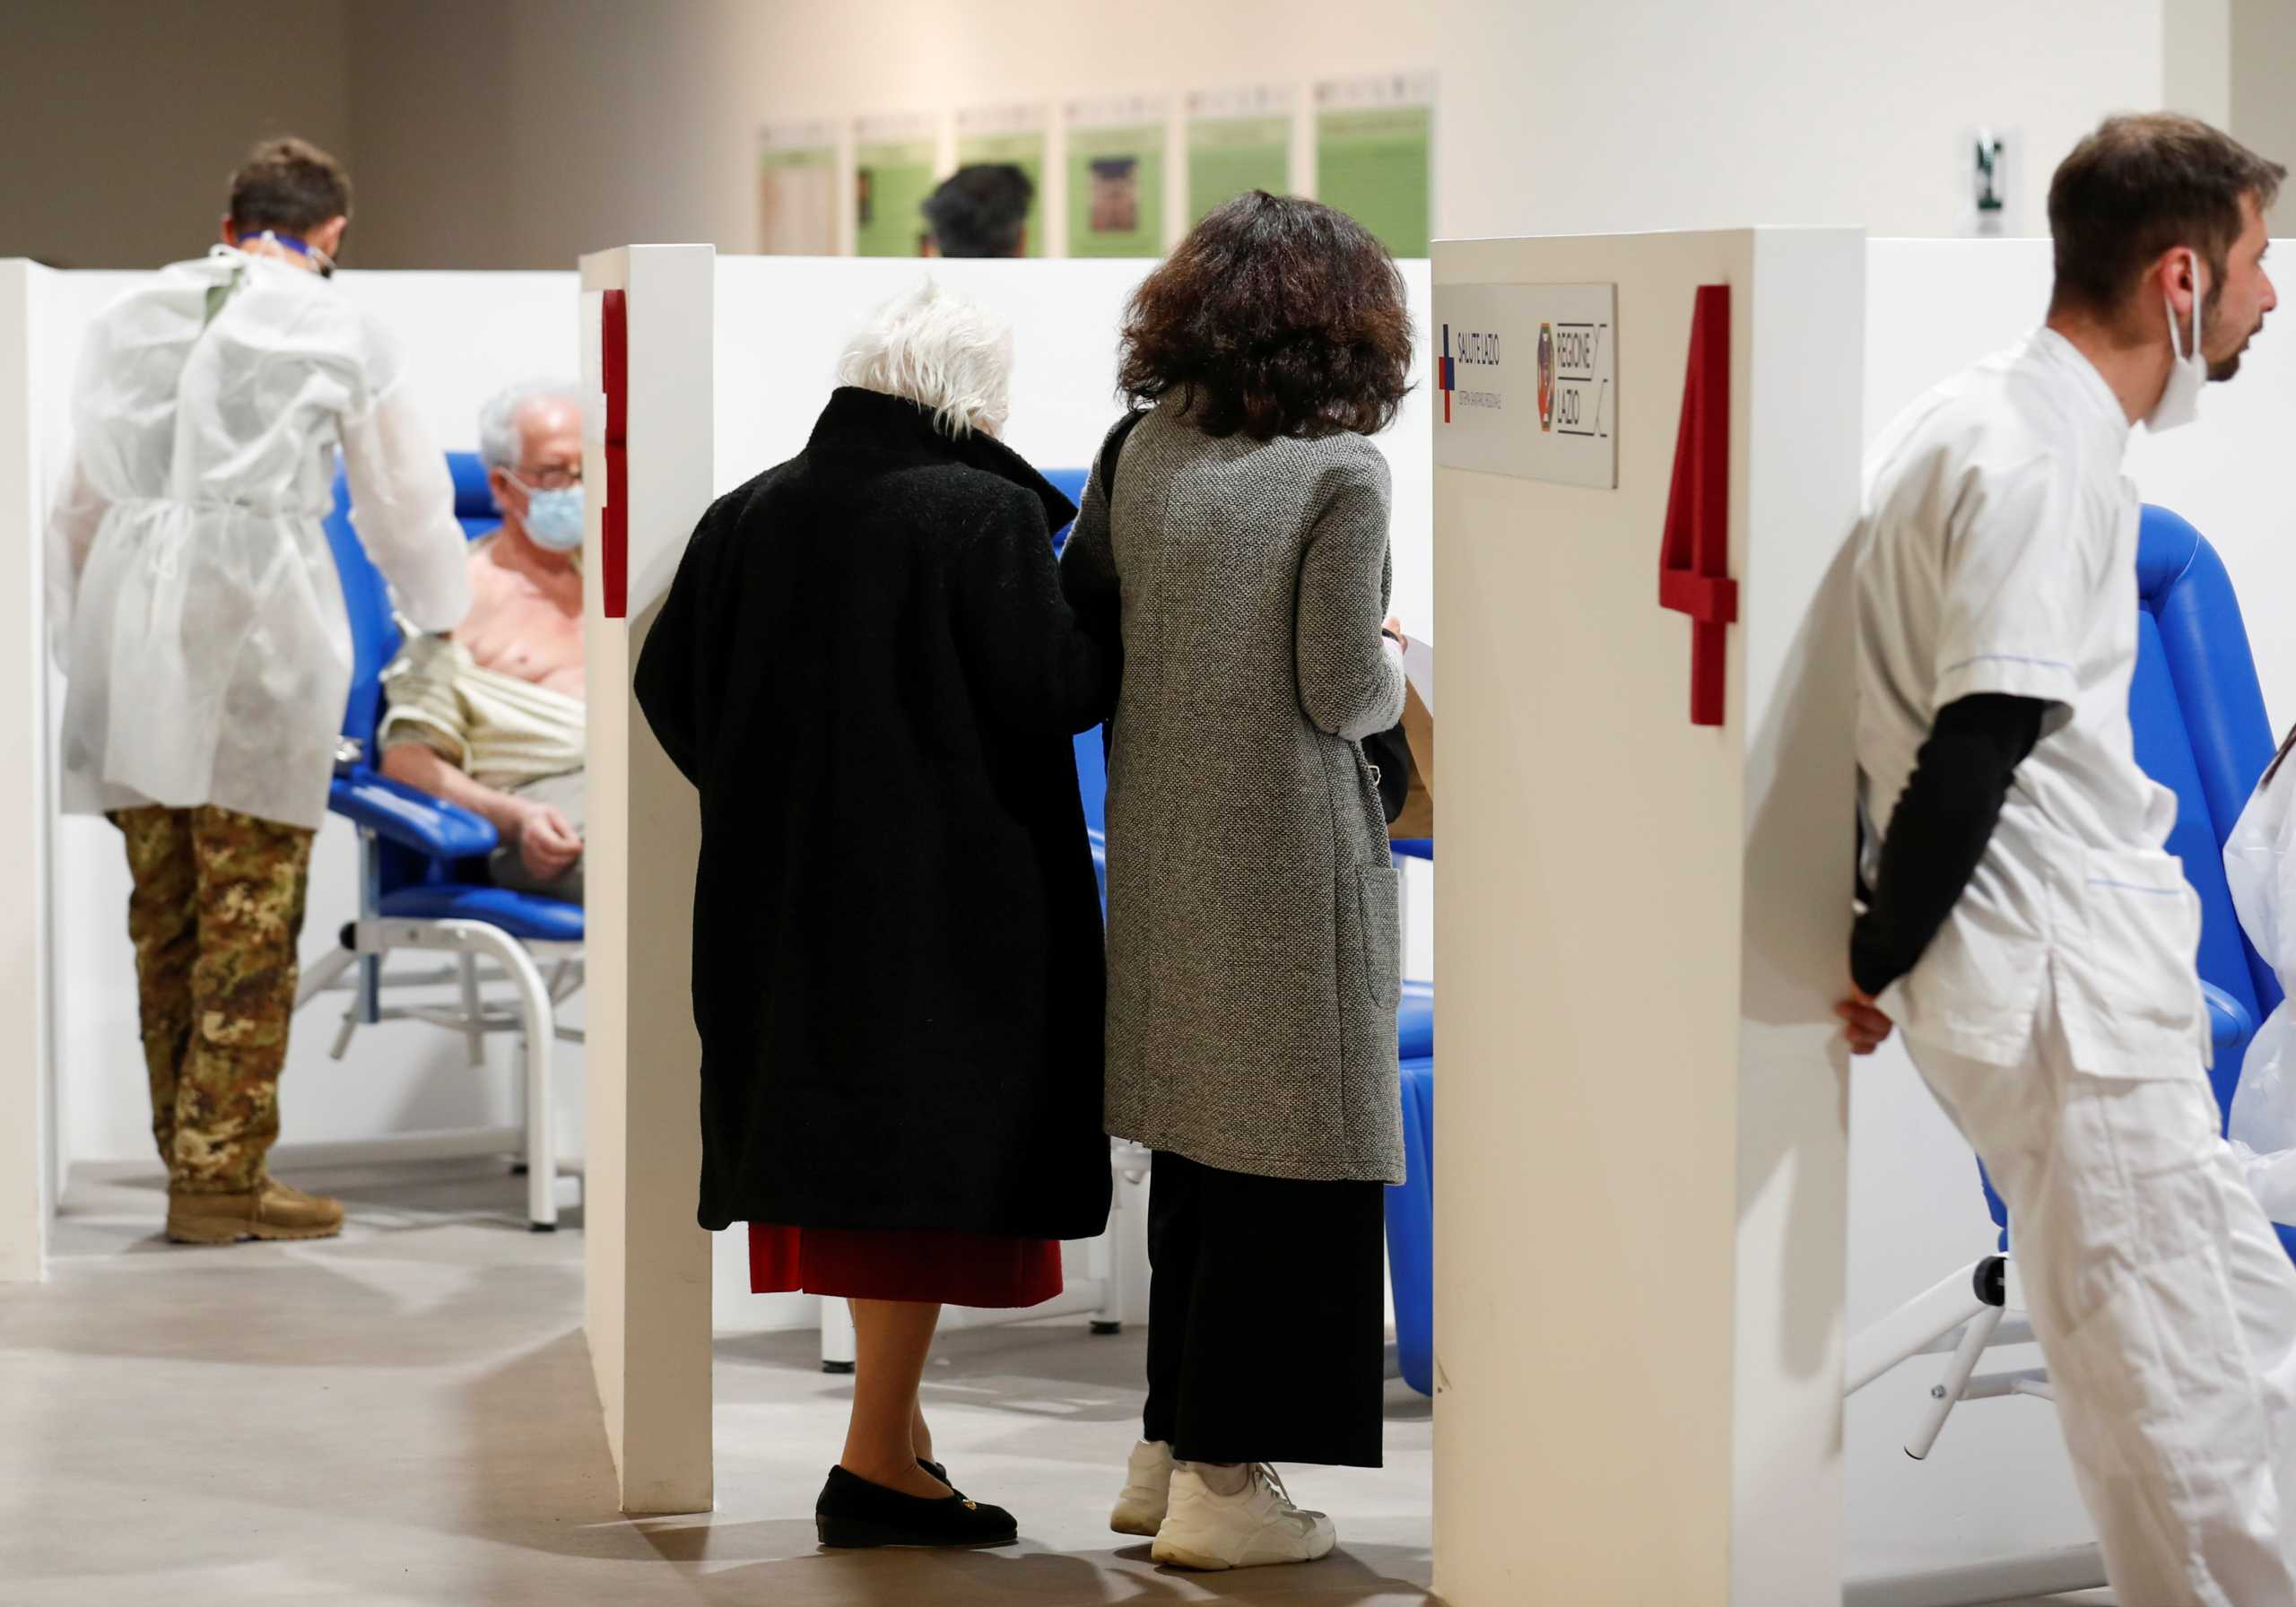 Κορονοϊός: Οι ηλικιωμένοι ανταποκρίνονται ασθενέστερα στο εμβόλιο